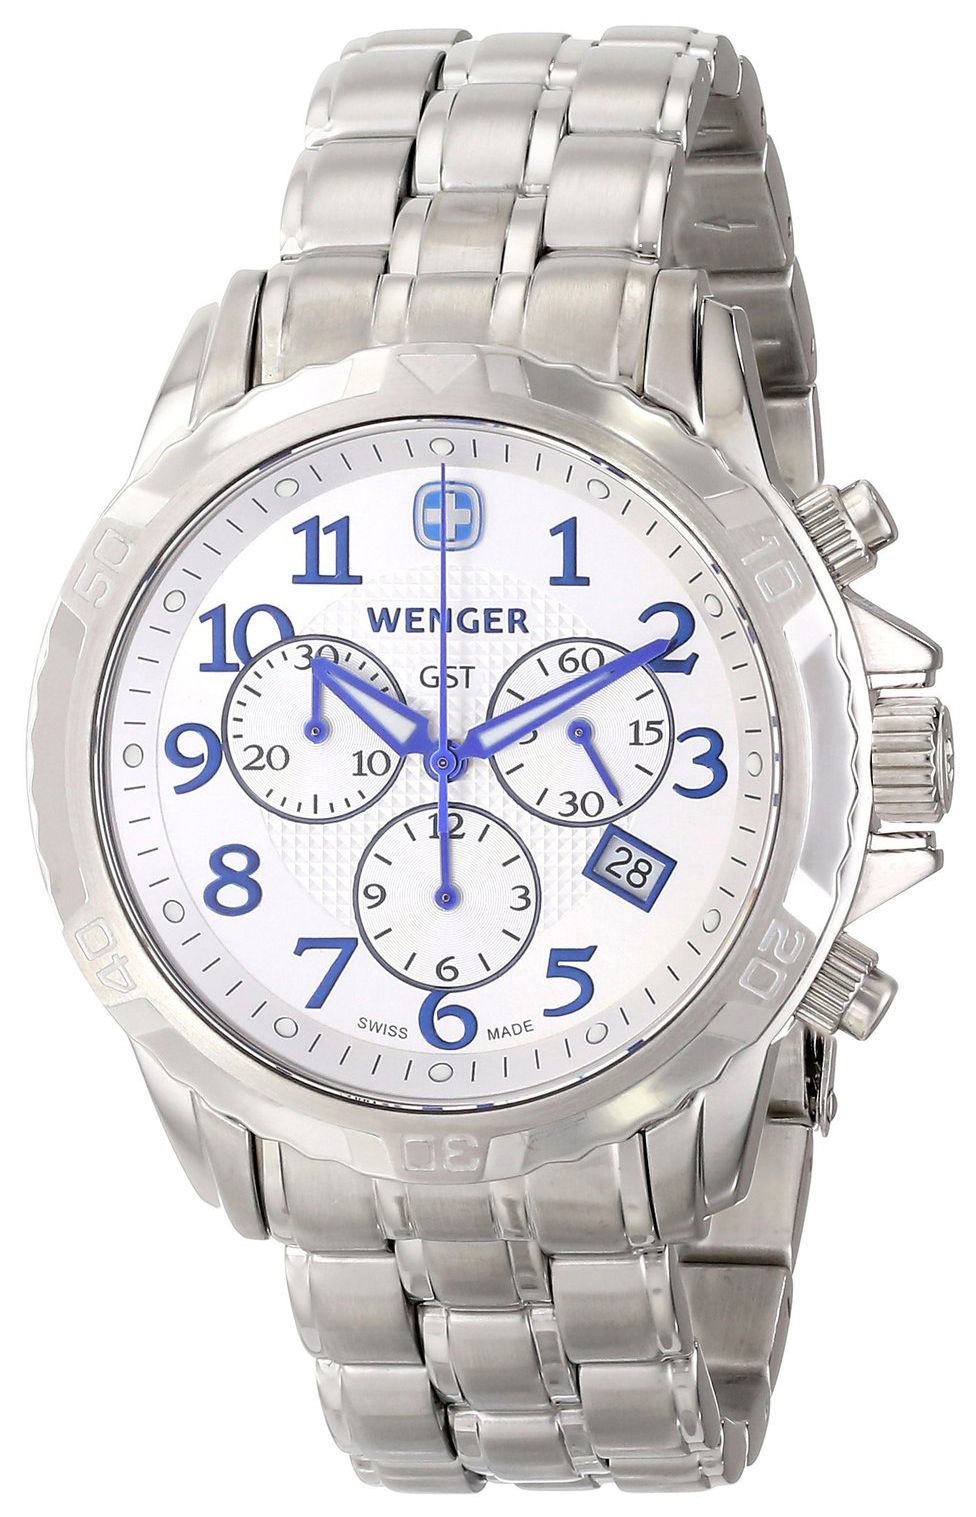 Wenger 99999 Herrklocka 78259 Silverfärgad/Stål Ø43 mm - Wenger